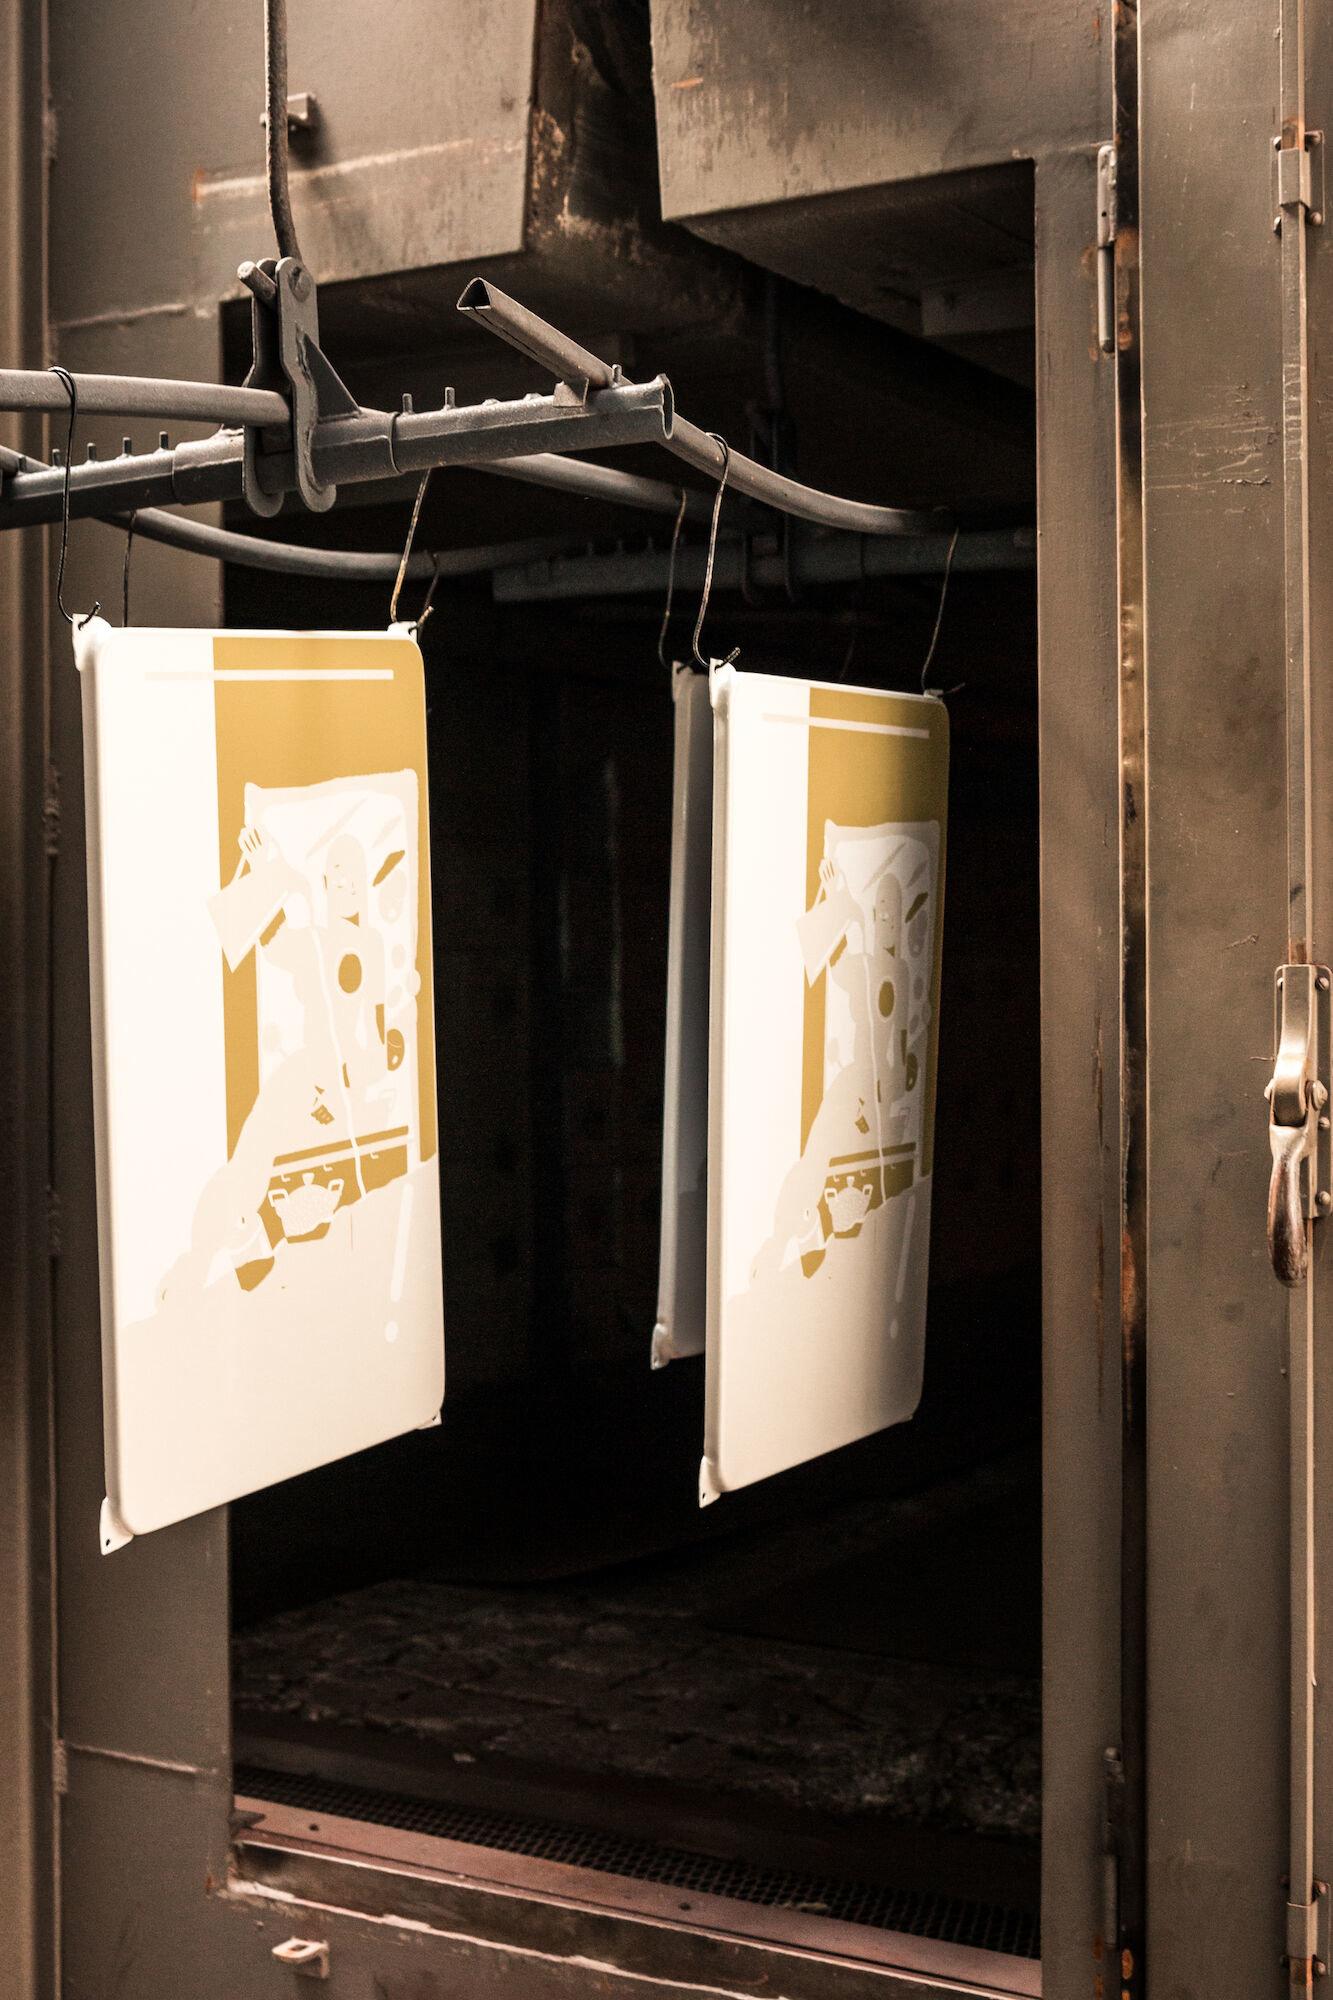 Productielijn en oven in het atelier van Emaillerie Belge